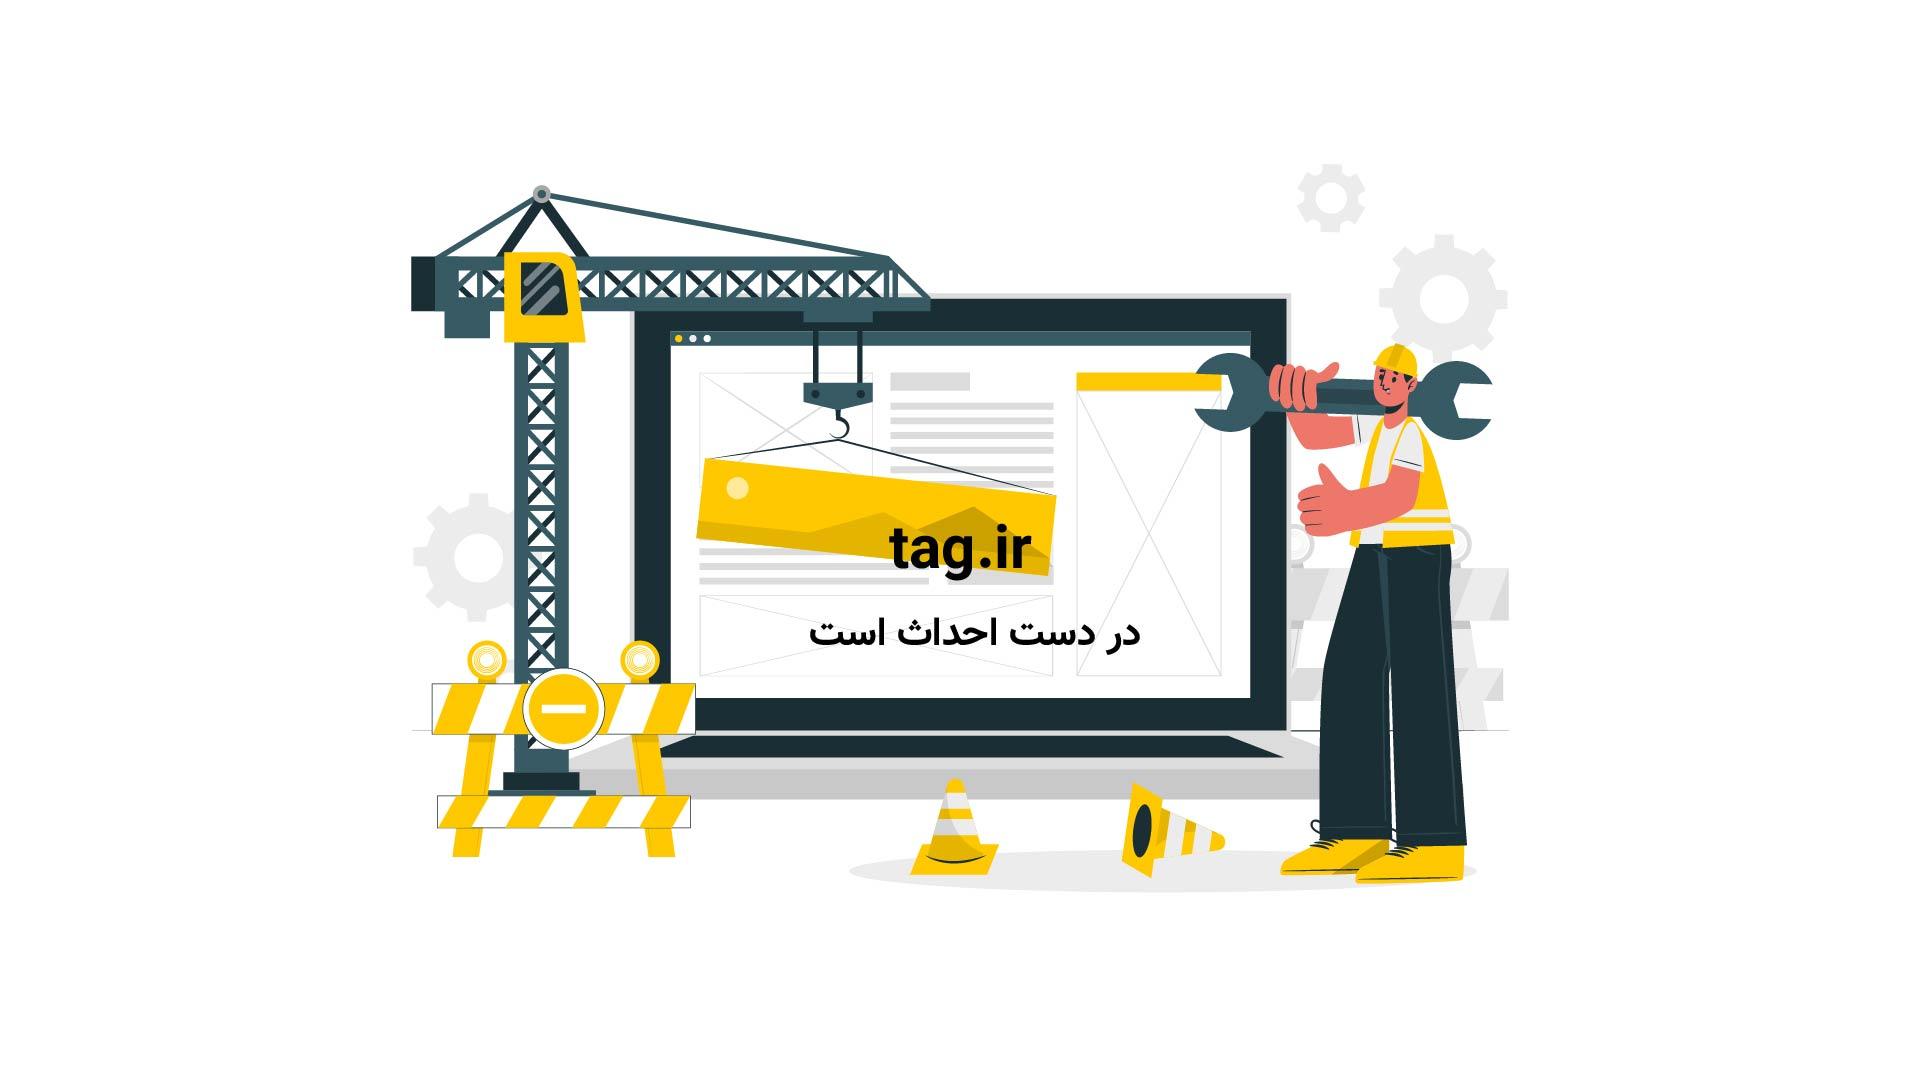 محمد اصفهانی | تگ